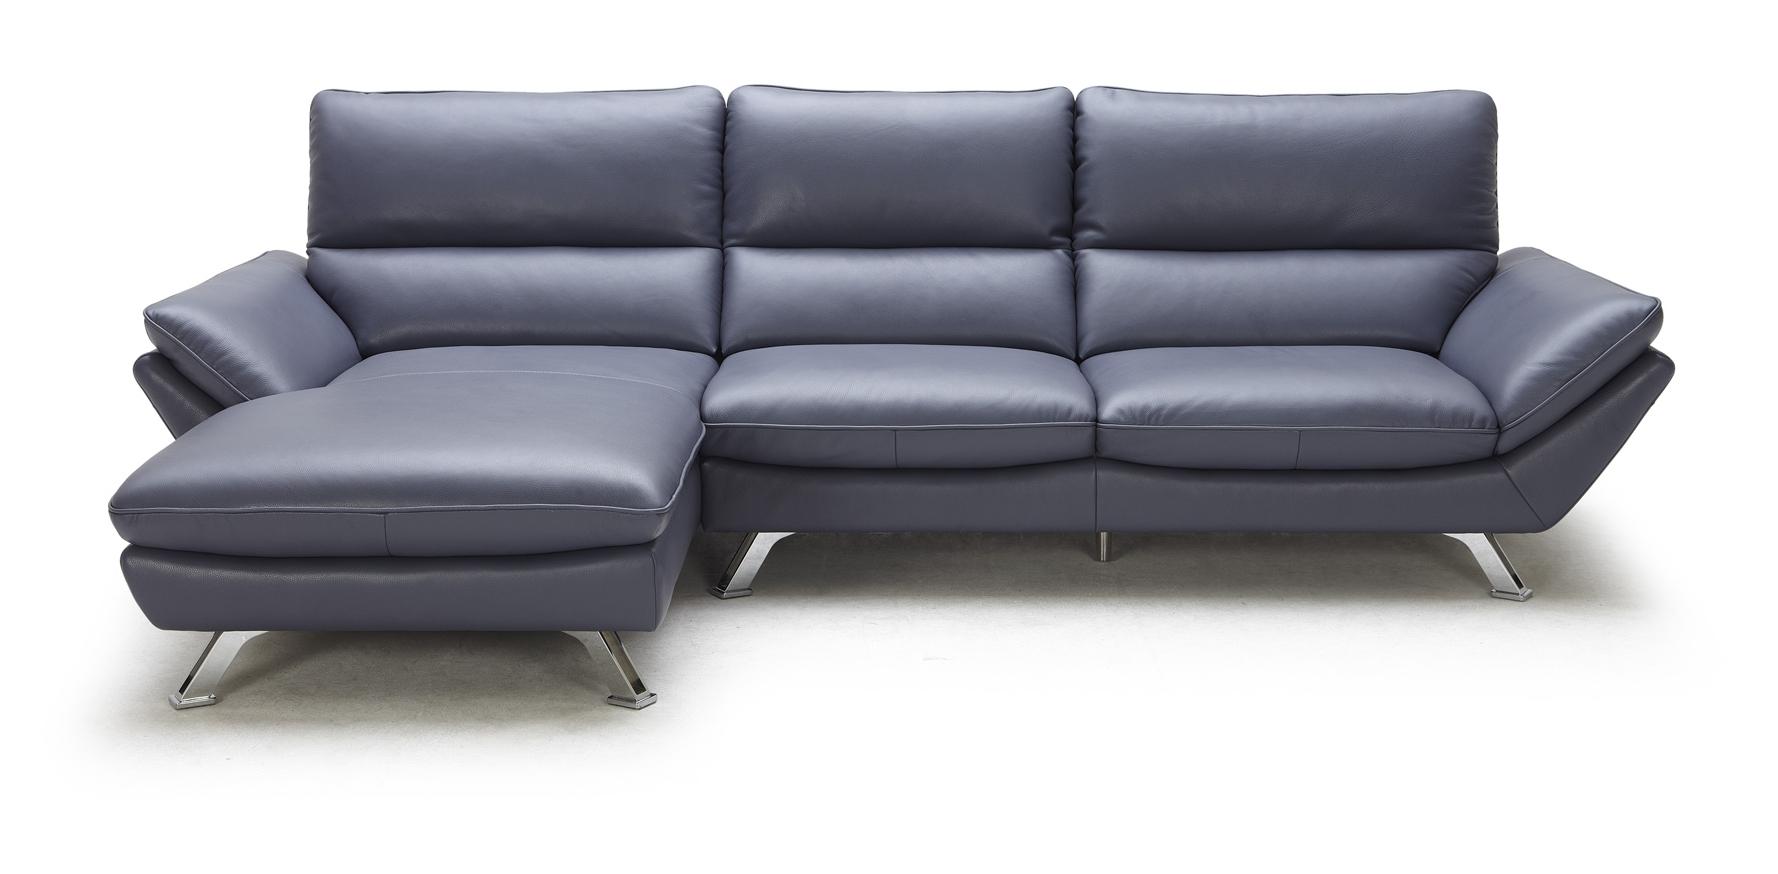 Zuri Furniture (View 20 of 20)